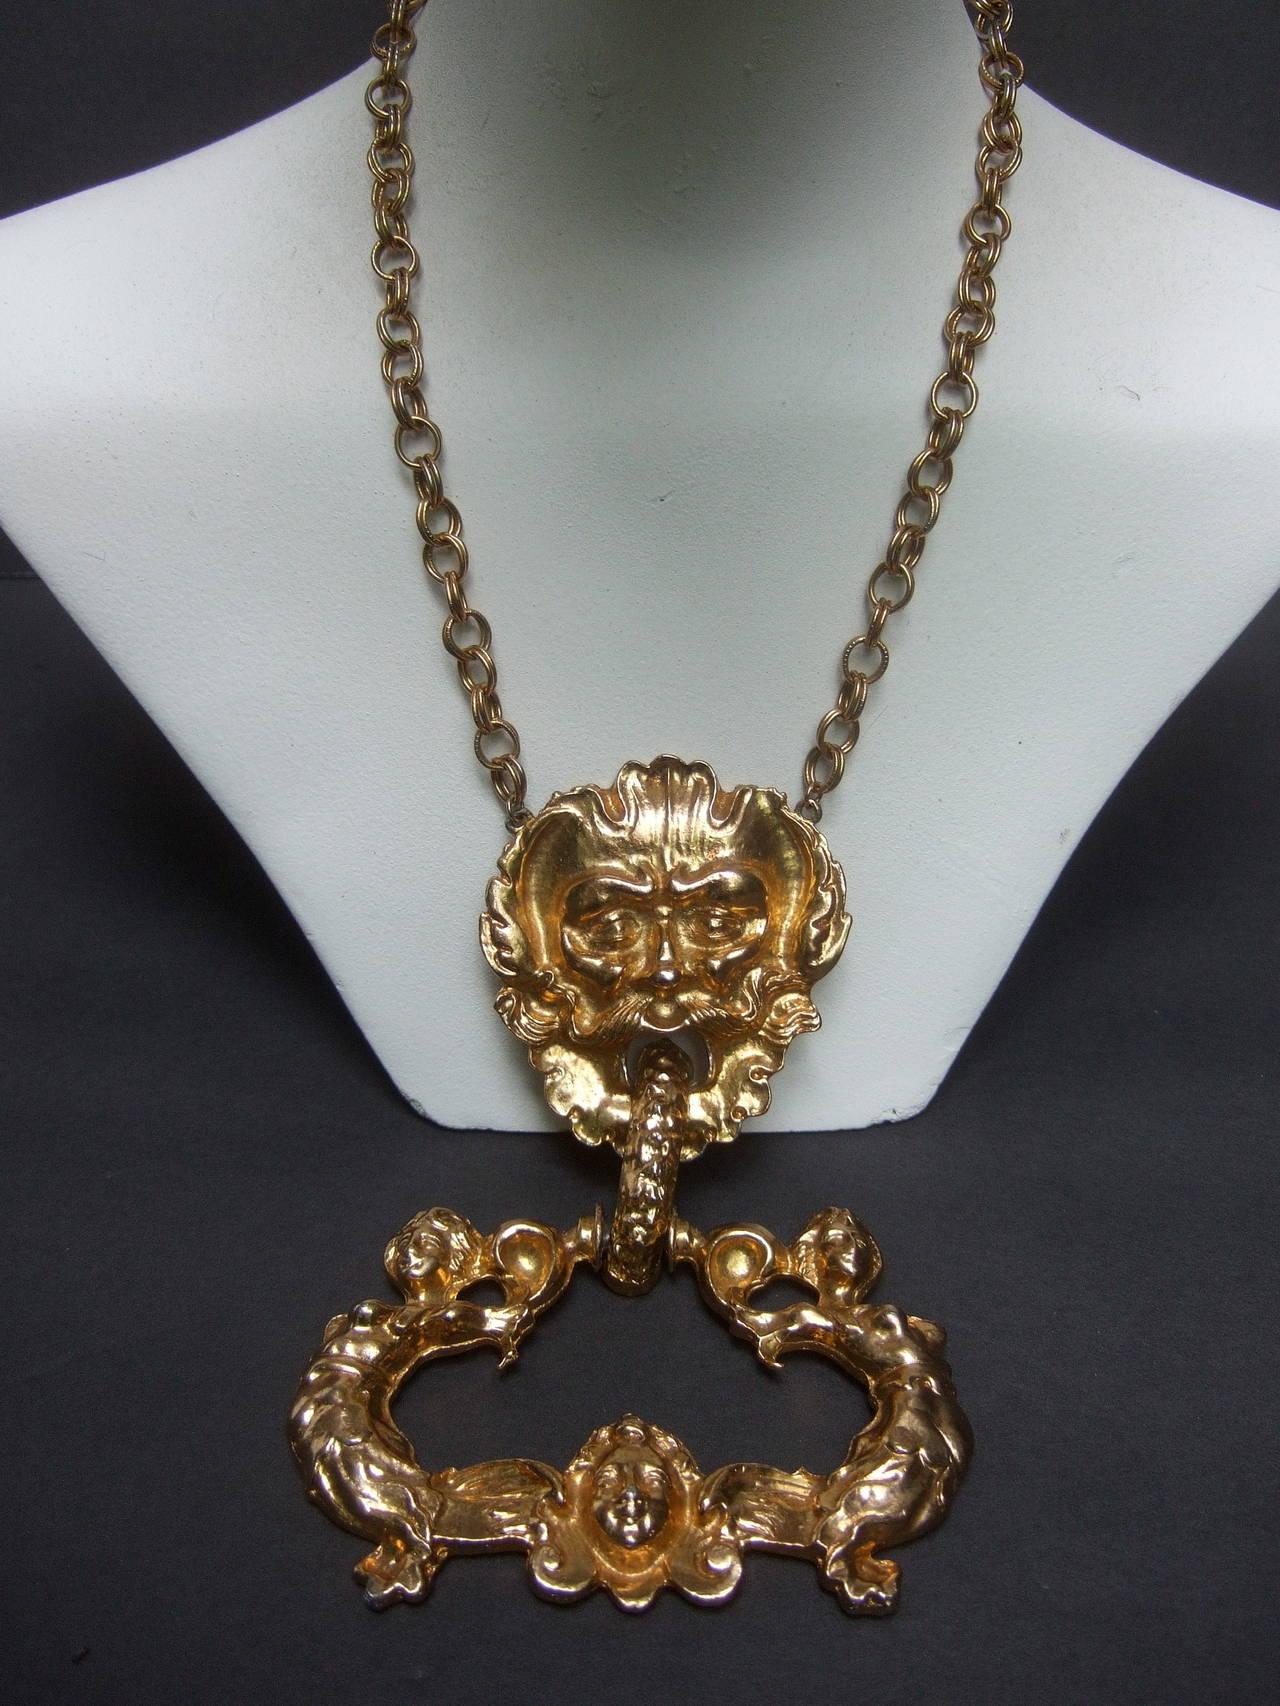 Women's Massive Gilt Metal Figural Pendant Necklace c 1970 For Sale